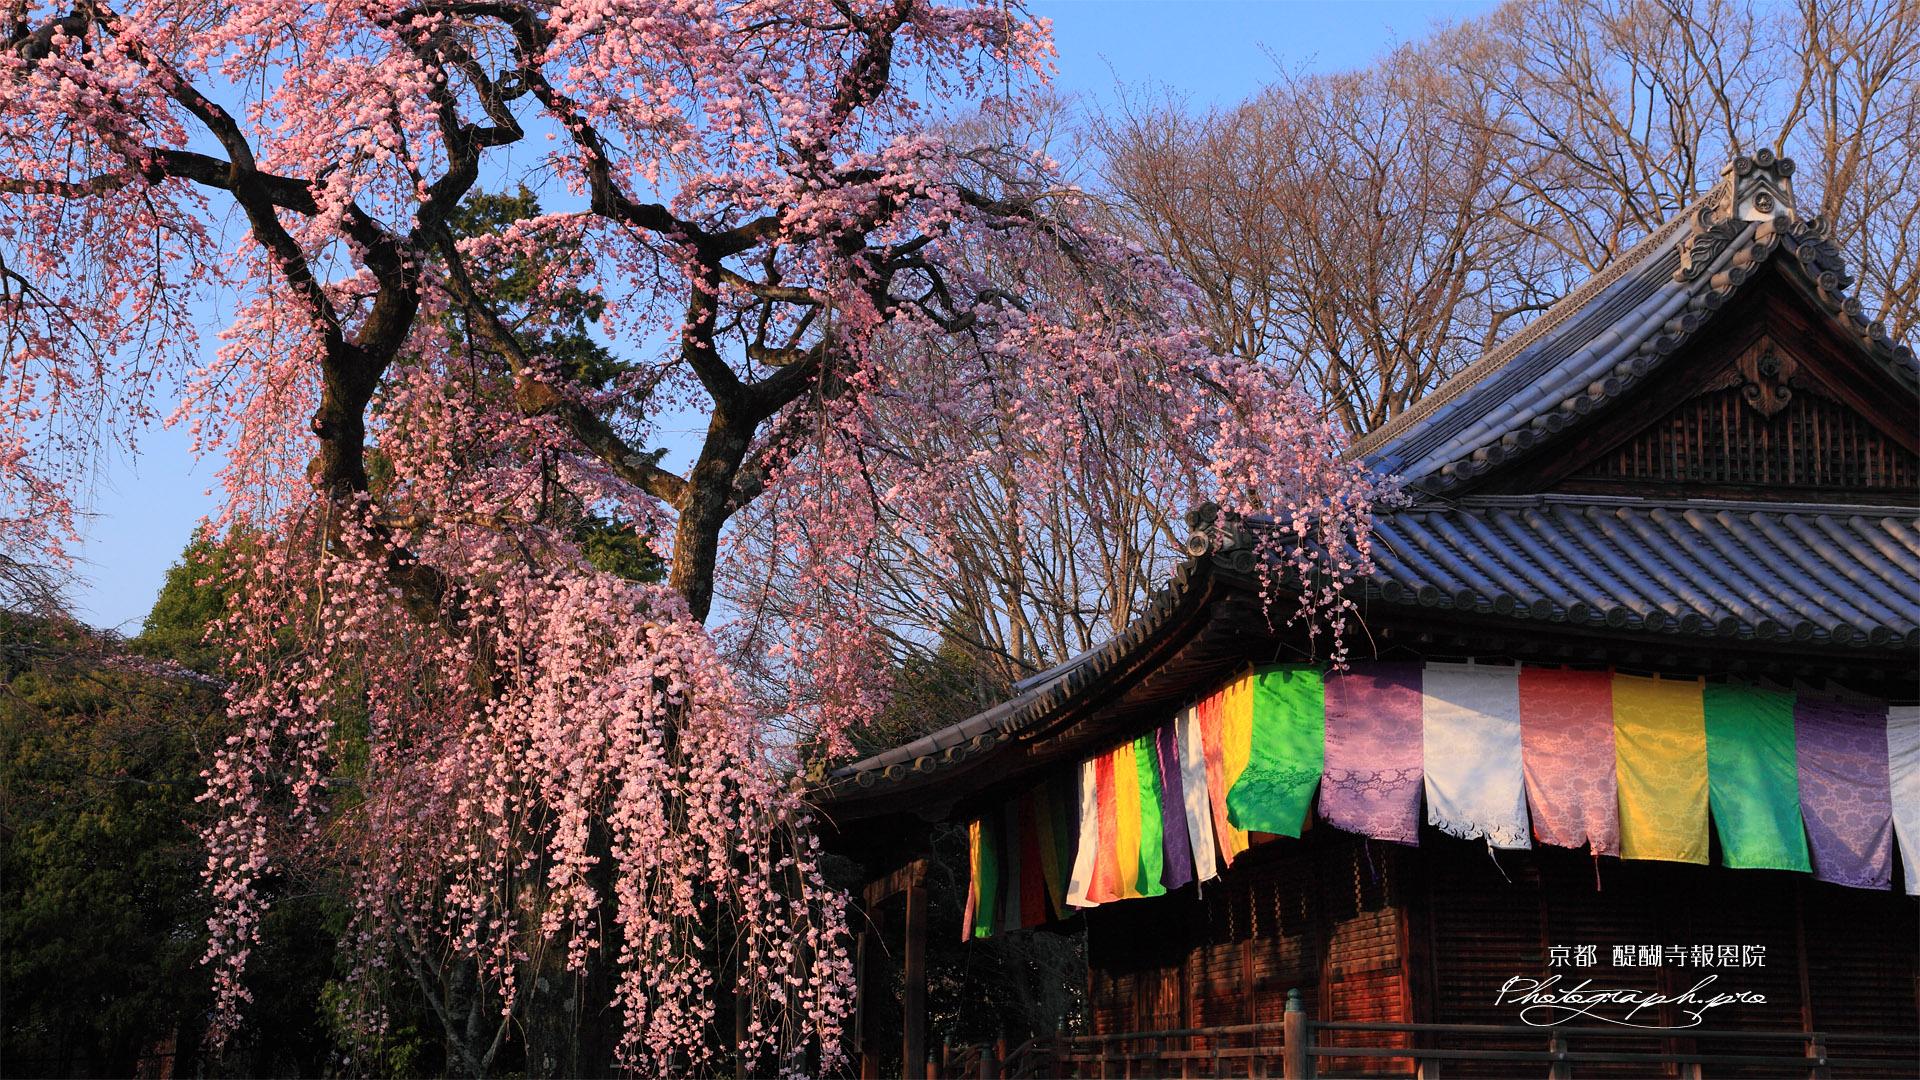 醍醐寺 報恩院の枝垂れ桜